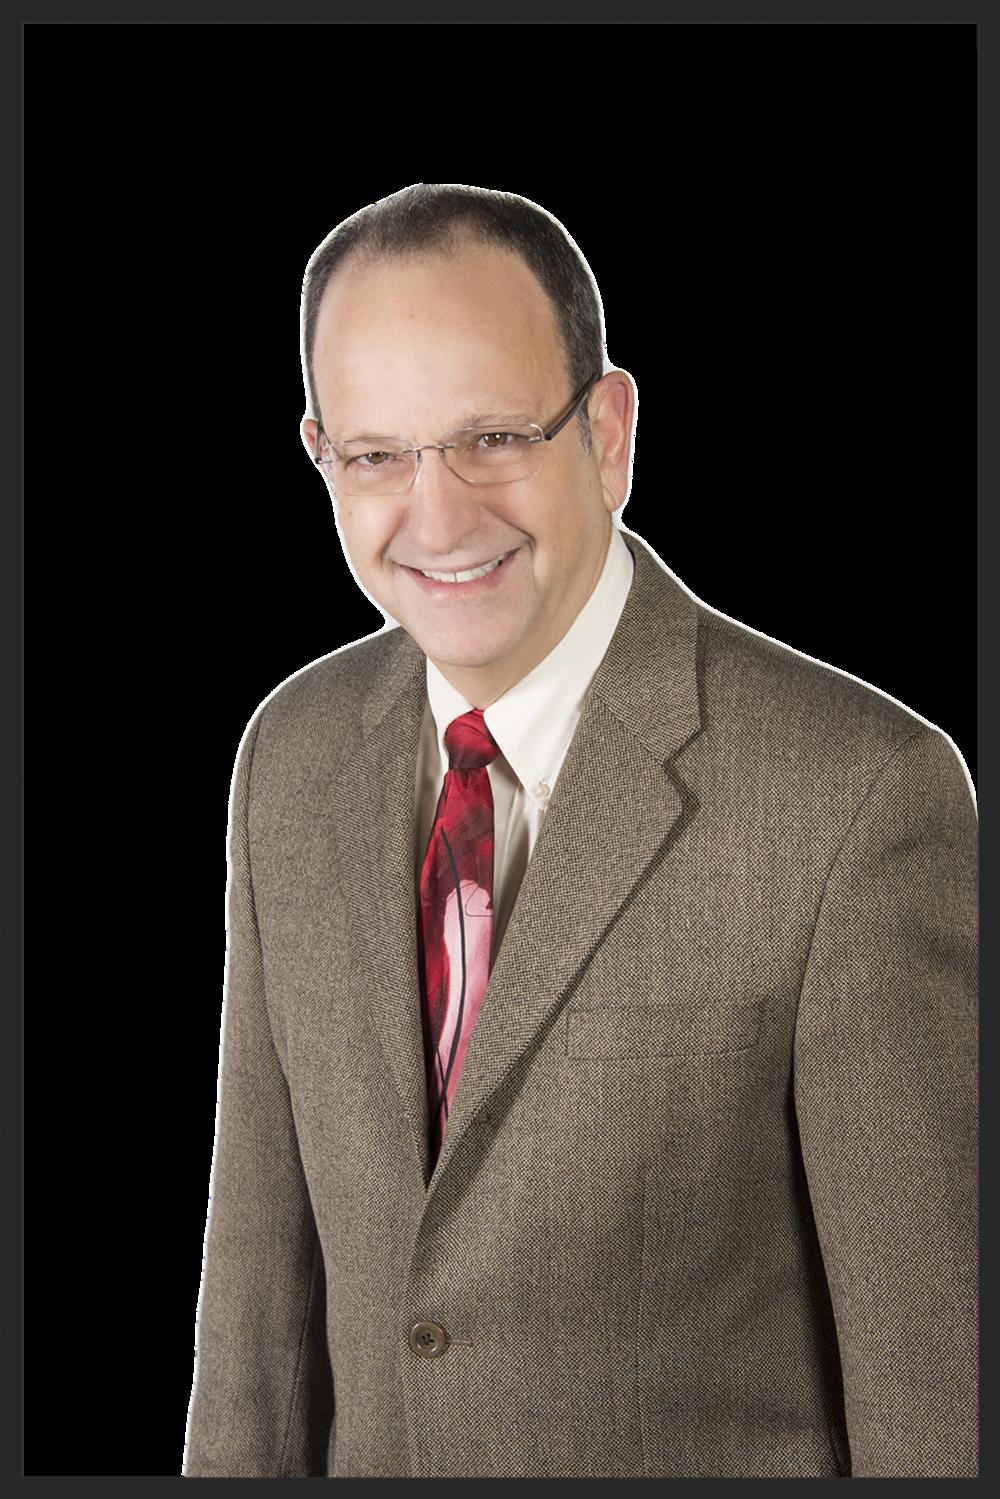 Joel, Gemologist/Jewelry Appraisers - Joel@SiegelJewelers.com